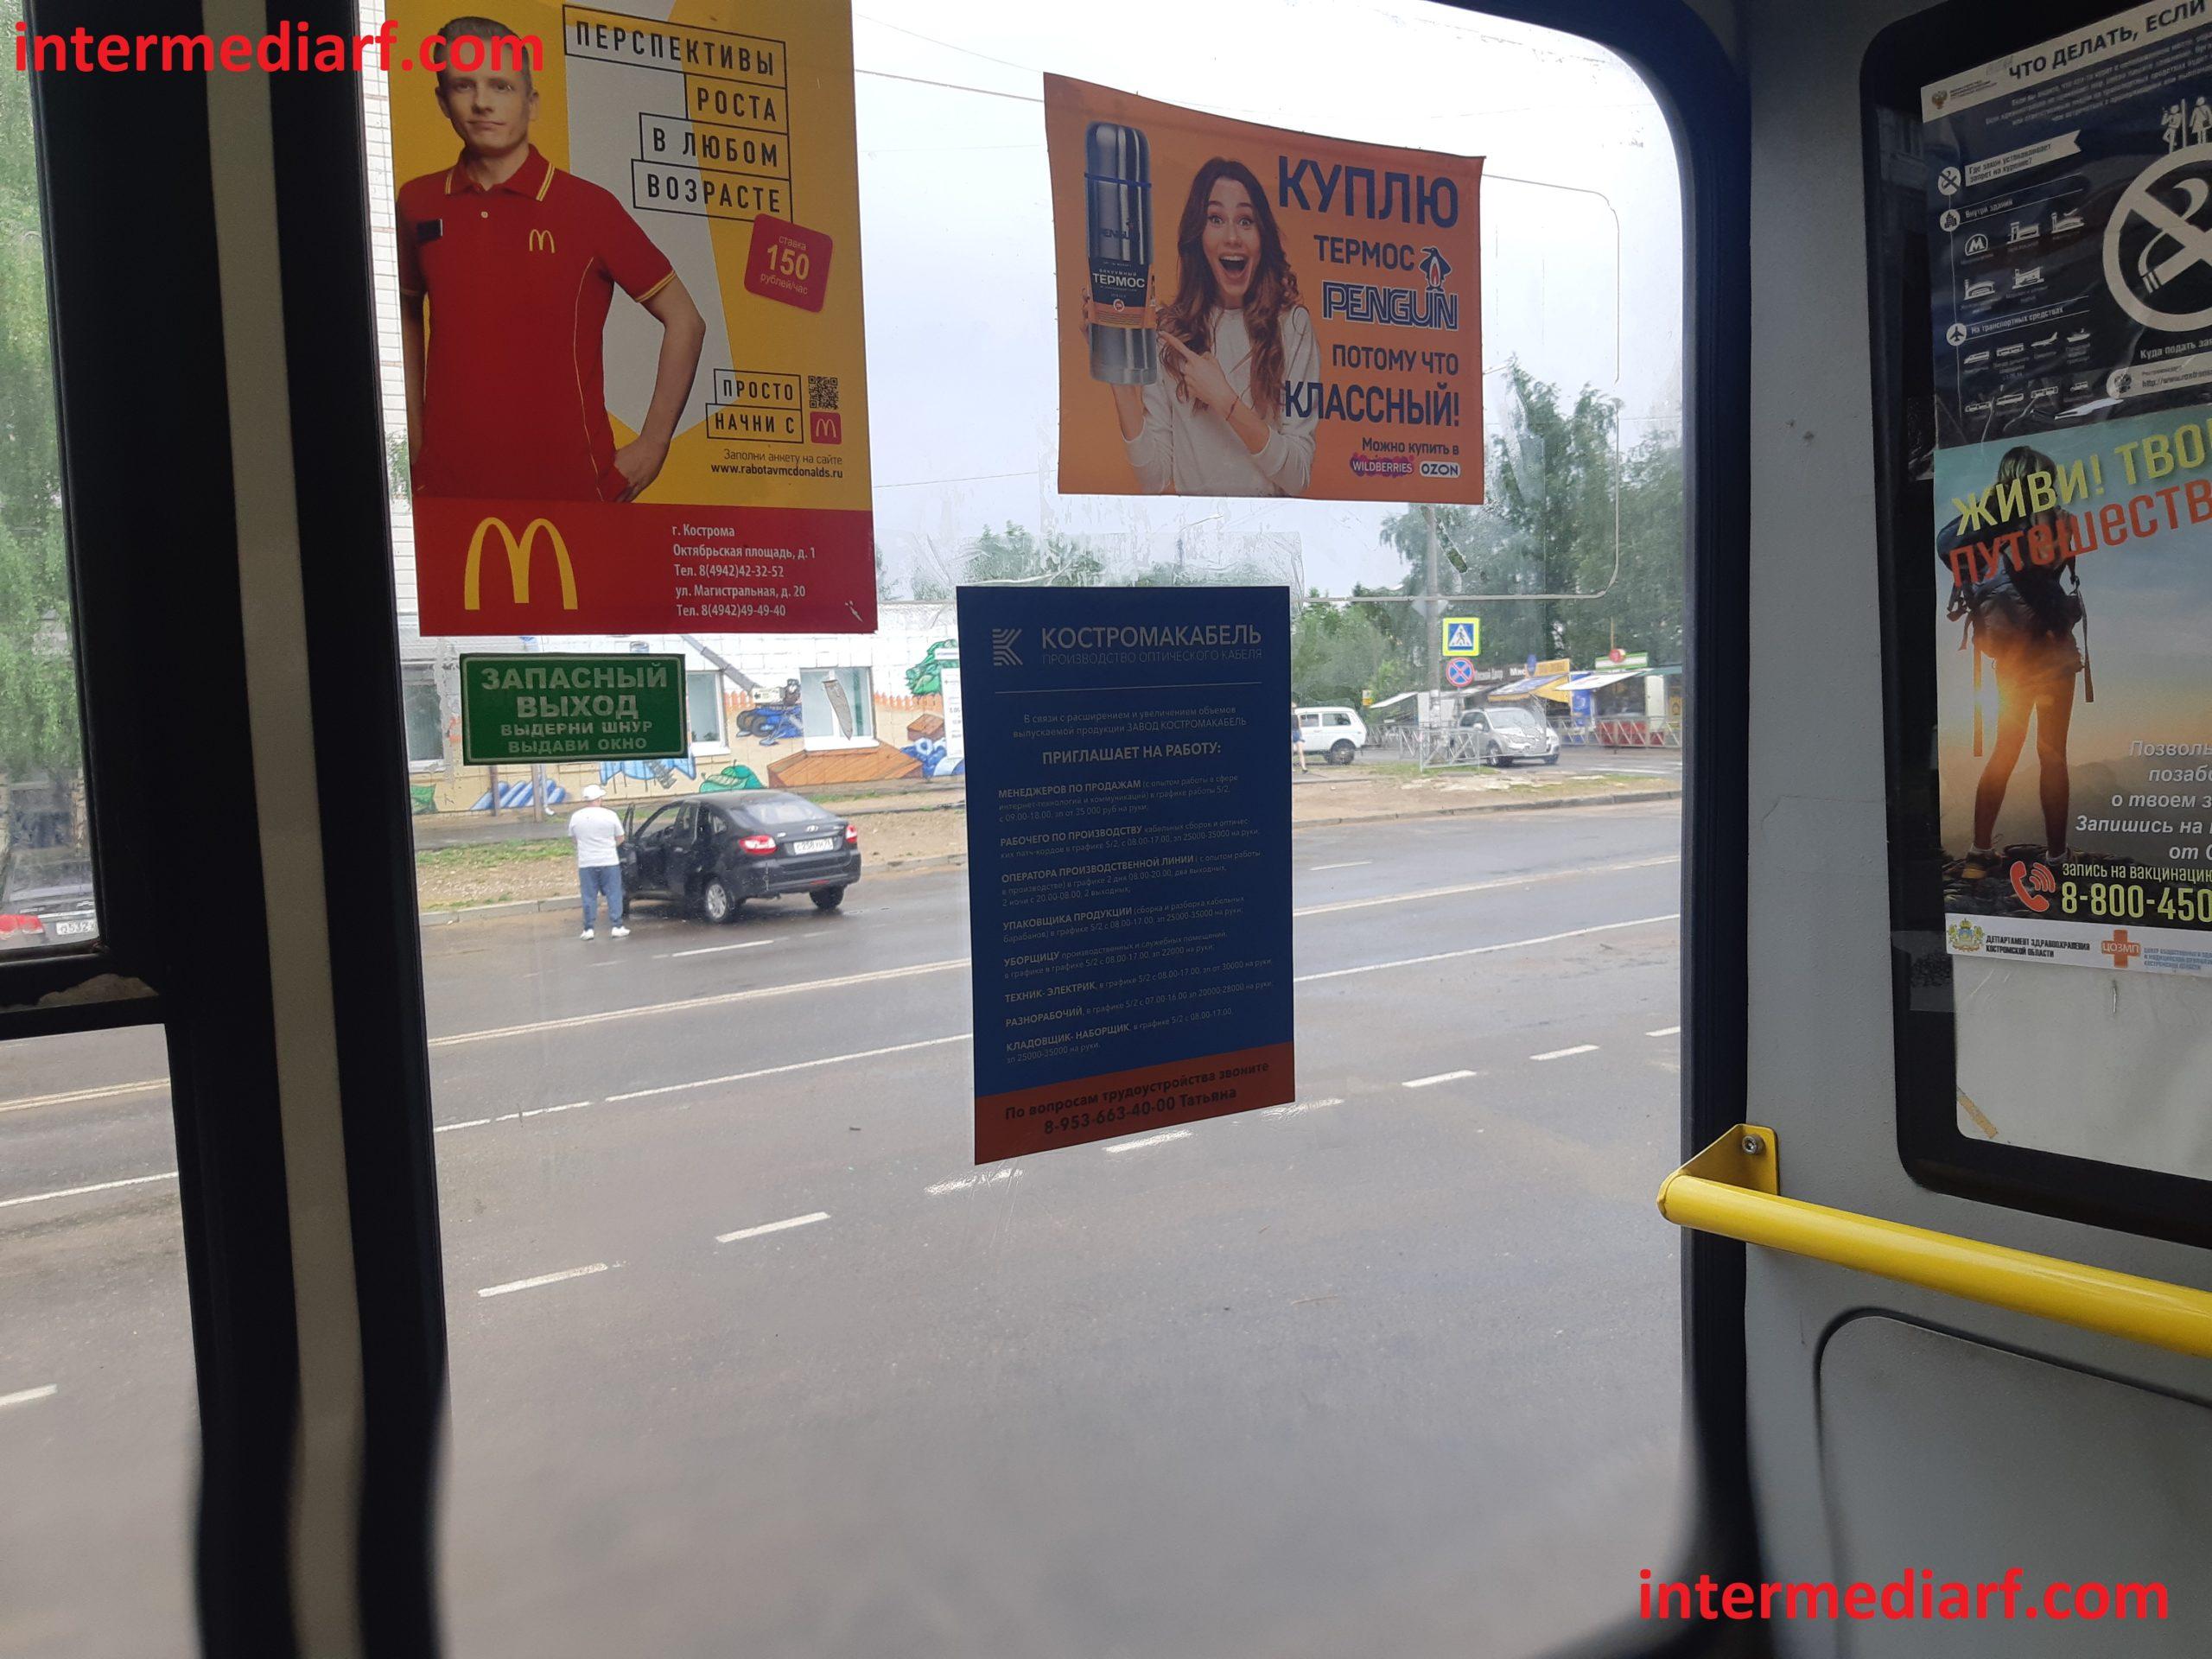 Размещение рекламы в маршрутном такси формата А4 по следующим маршрутам: № 65, 66, 94, 57, 52- 20 ТС в г. Кострома. Для ООО «Производственная Группа» Костромакабель